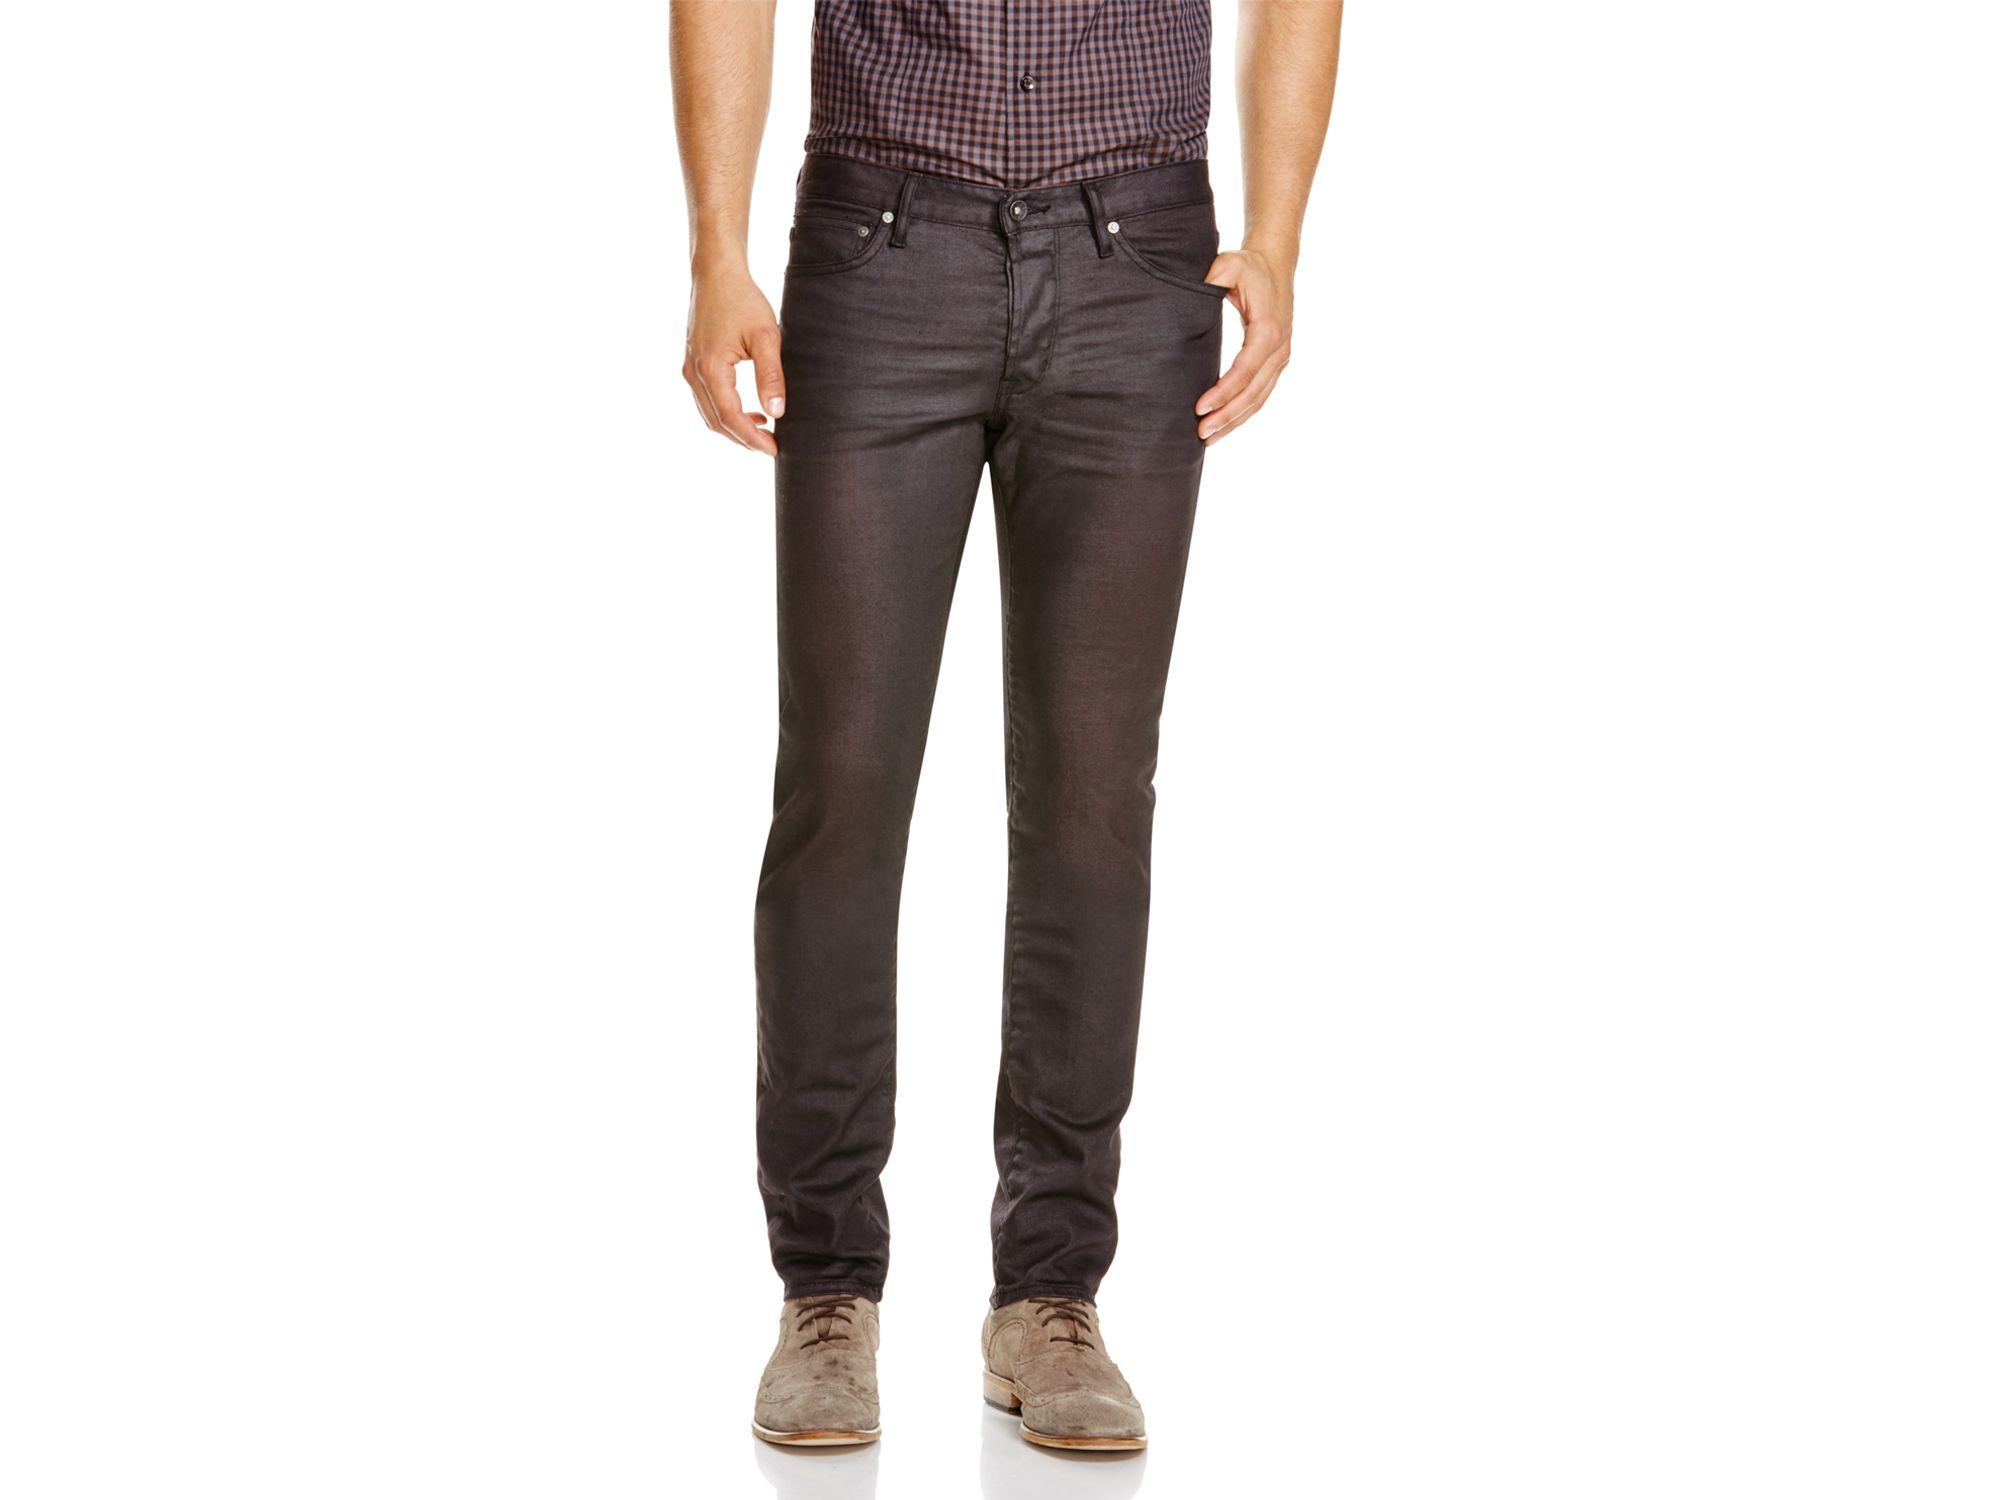 DENIM - Denim trousers JOHN VARVATOS U.S.A. 1ika2p